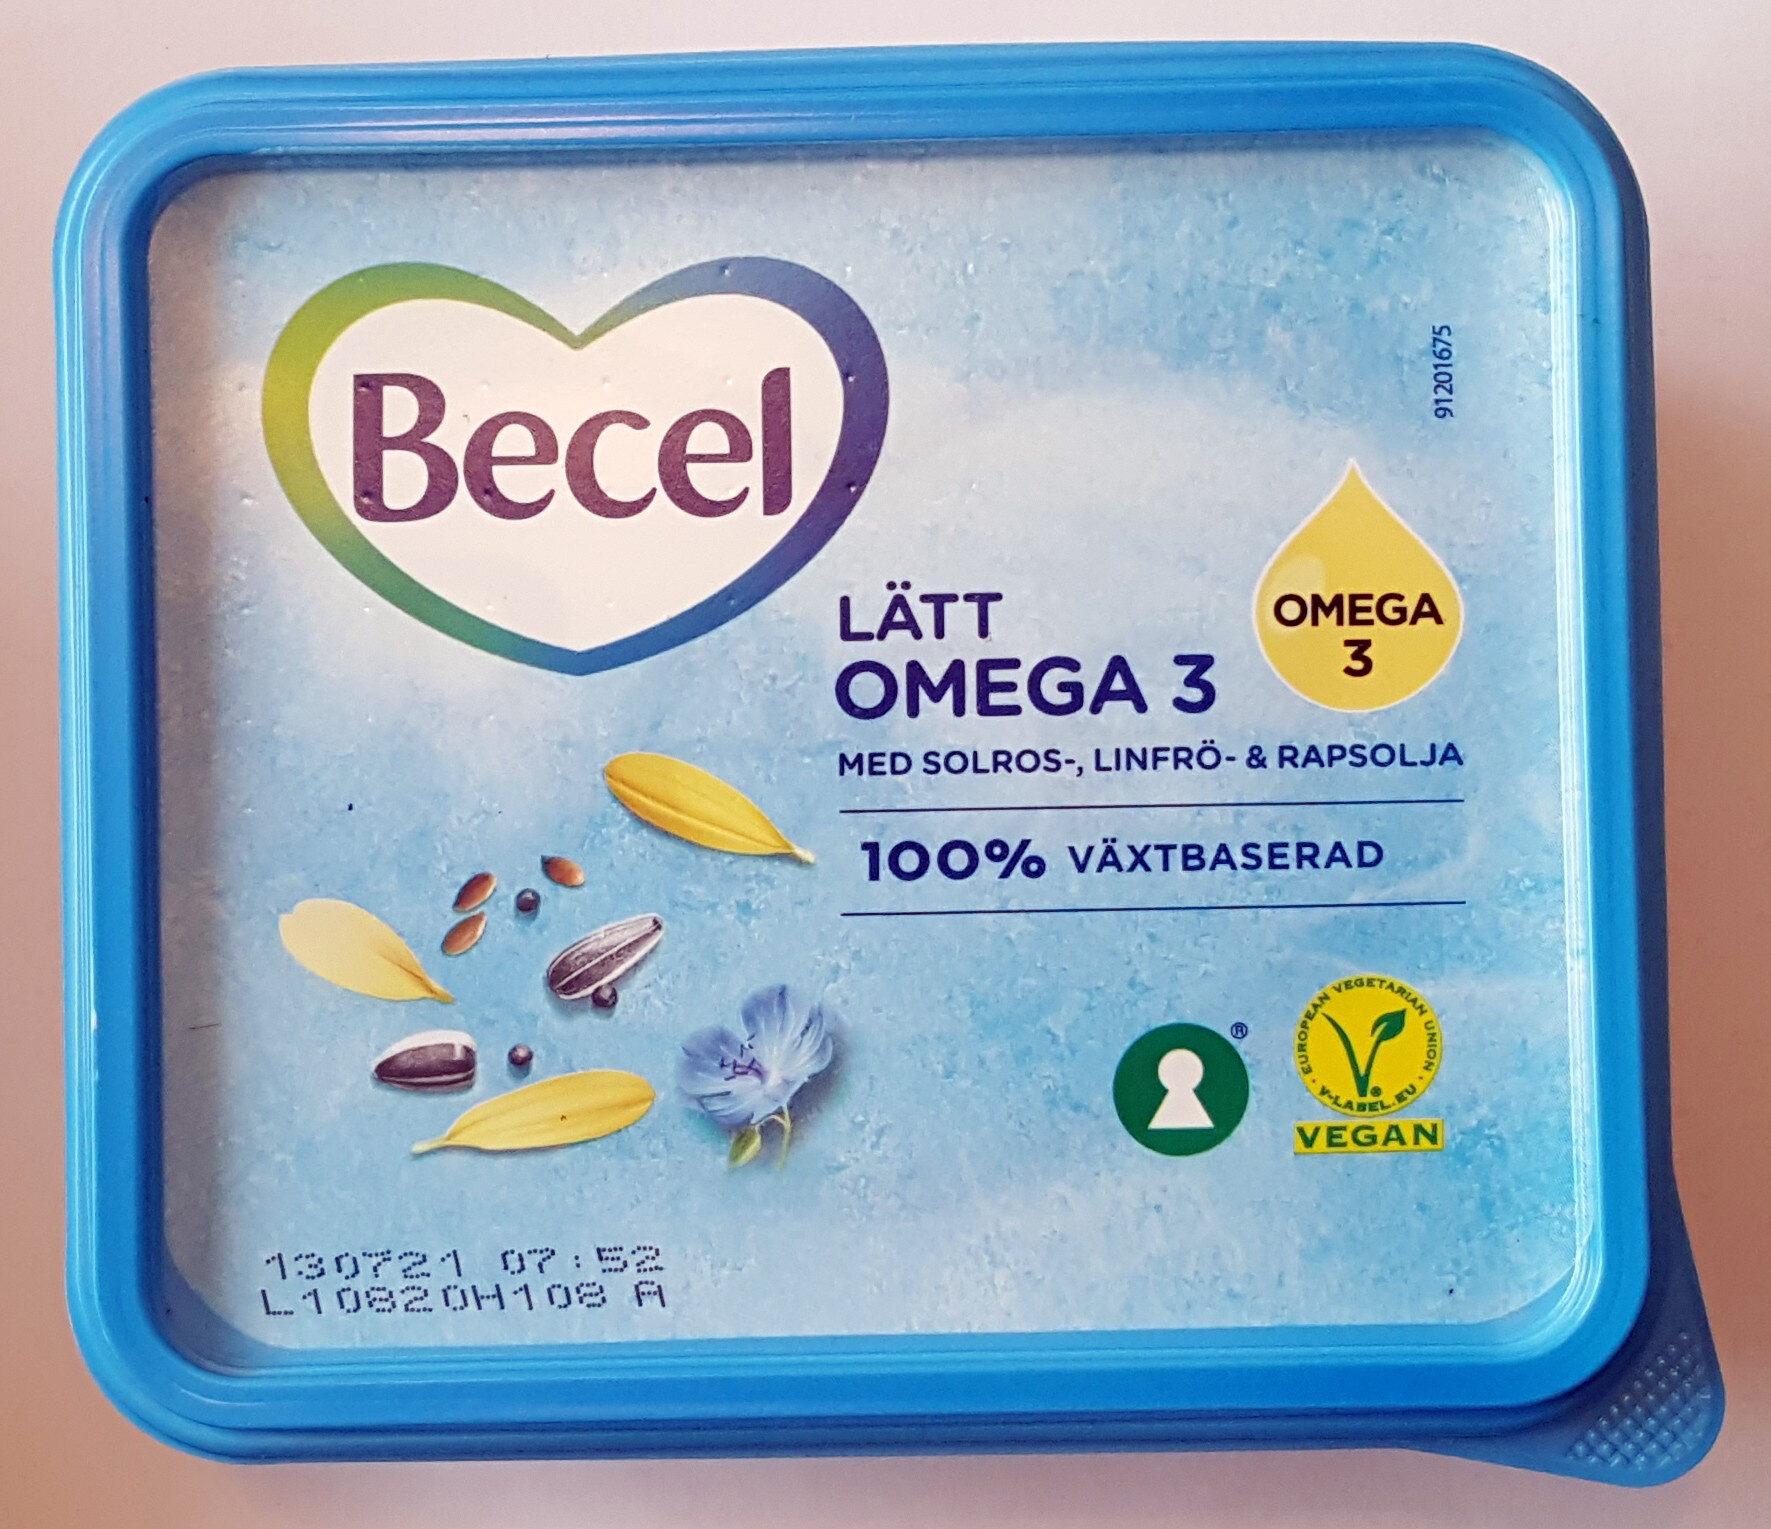 Lätt Omega 3 - Product - sv